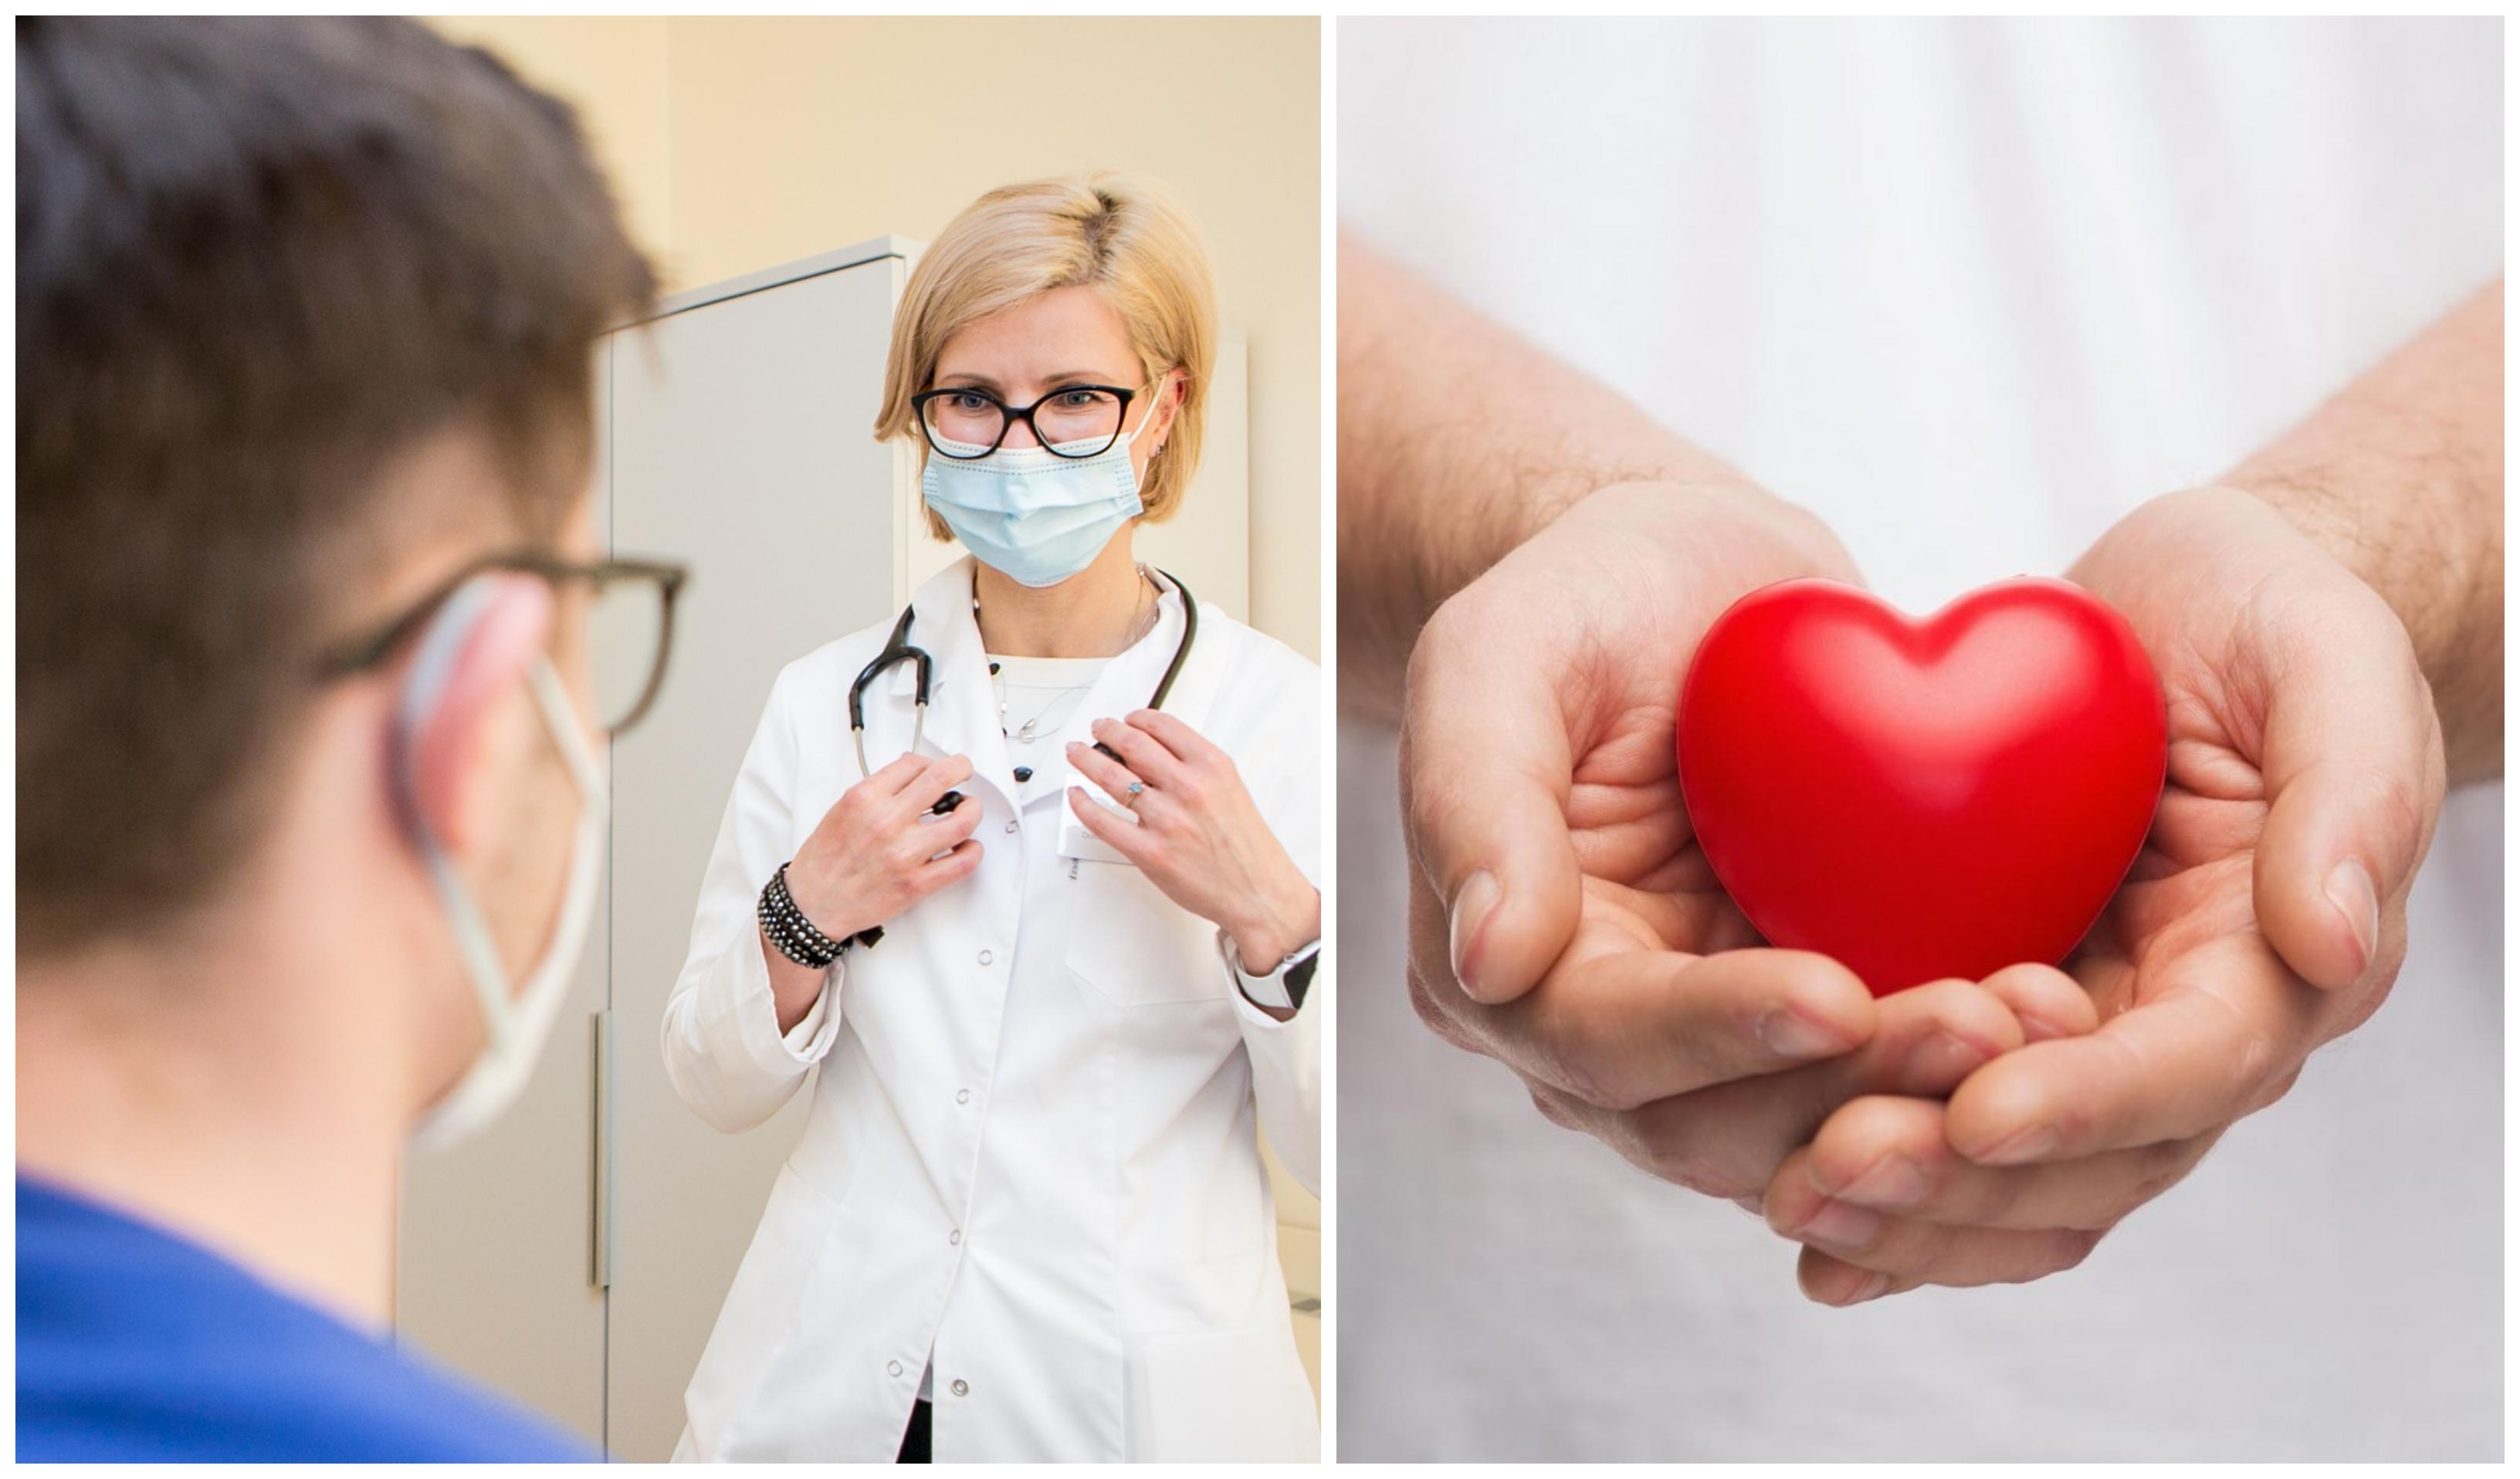 hipertenzijos su lėtiniu širdies nepakankamumu gydymas)